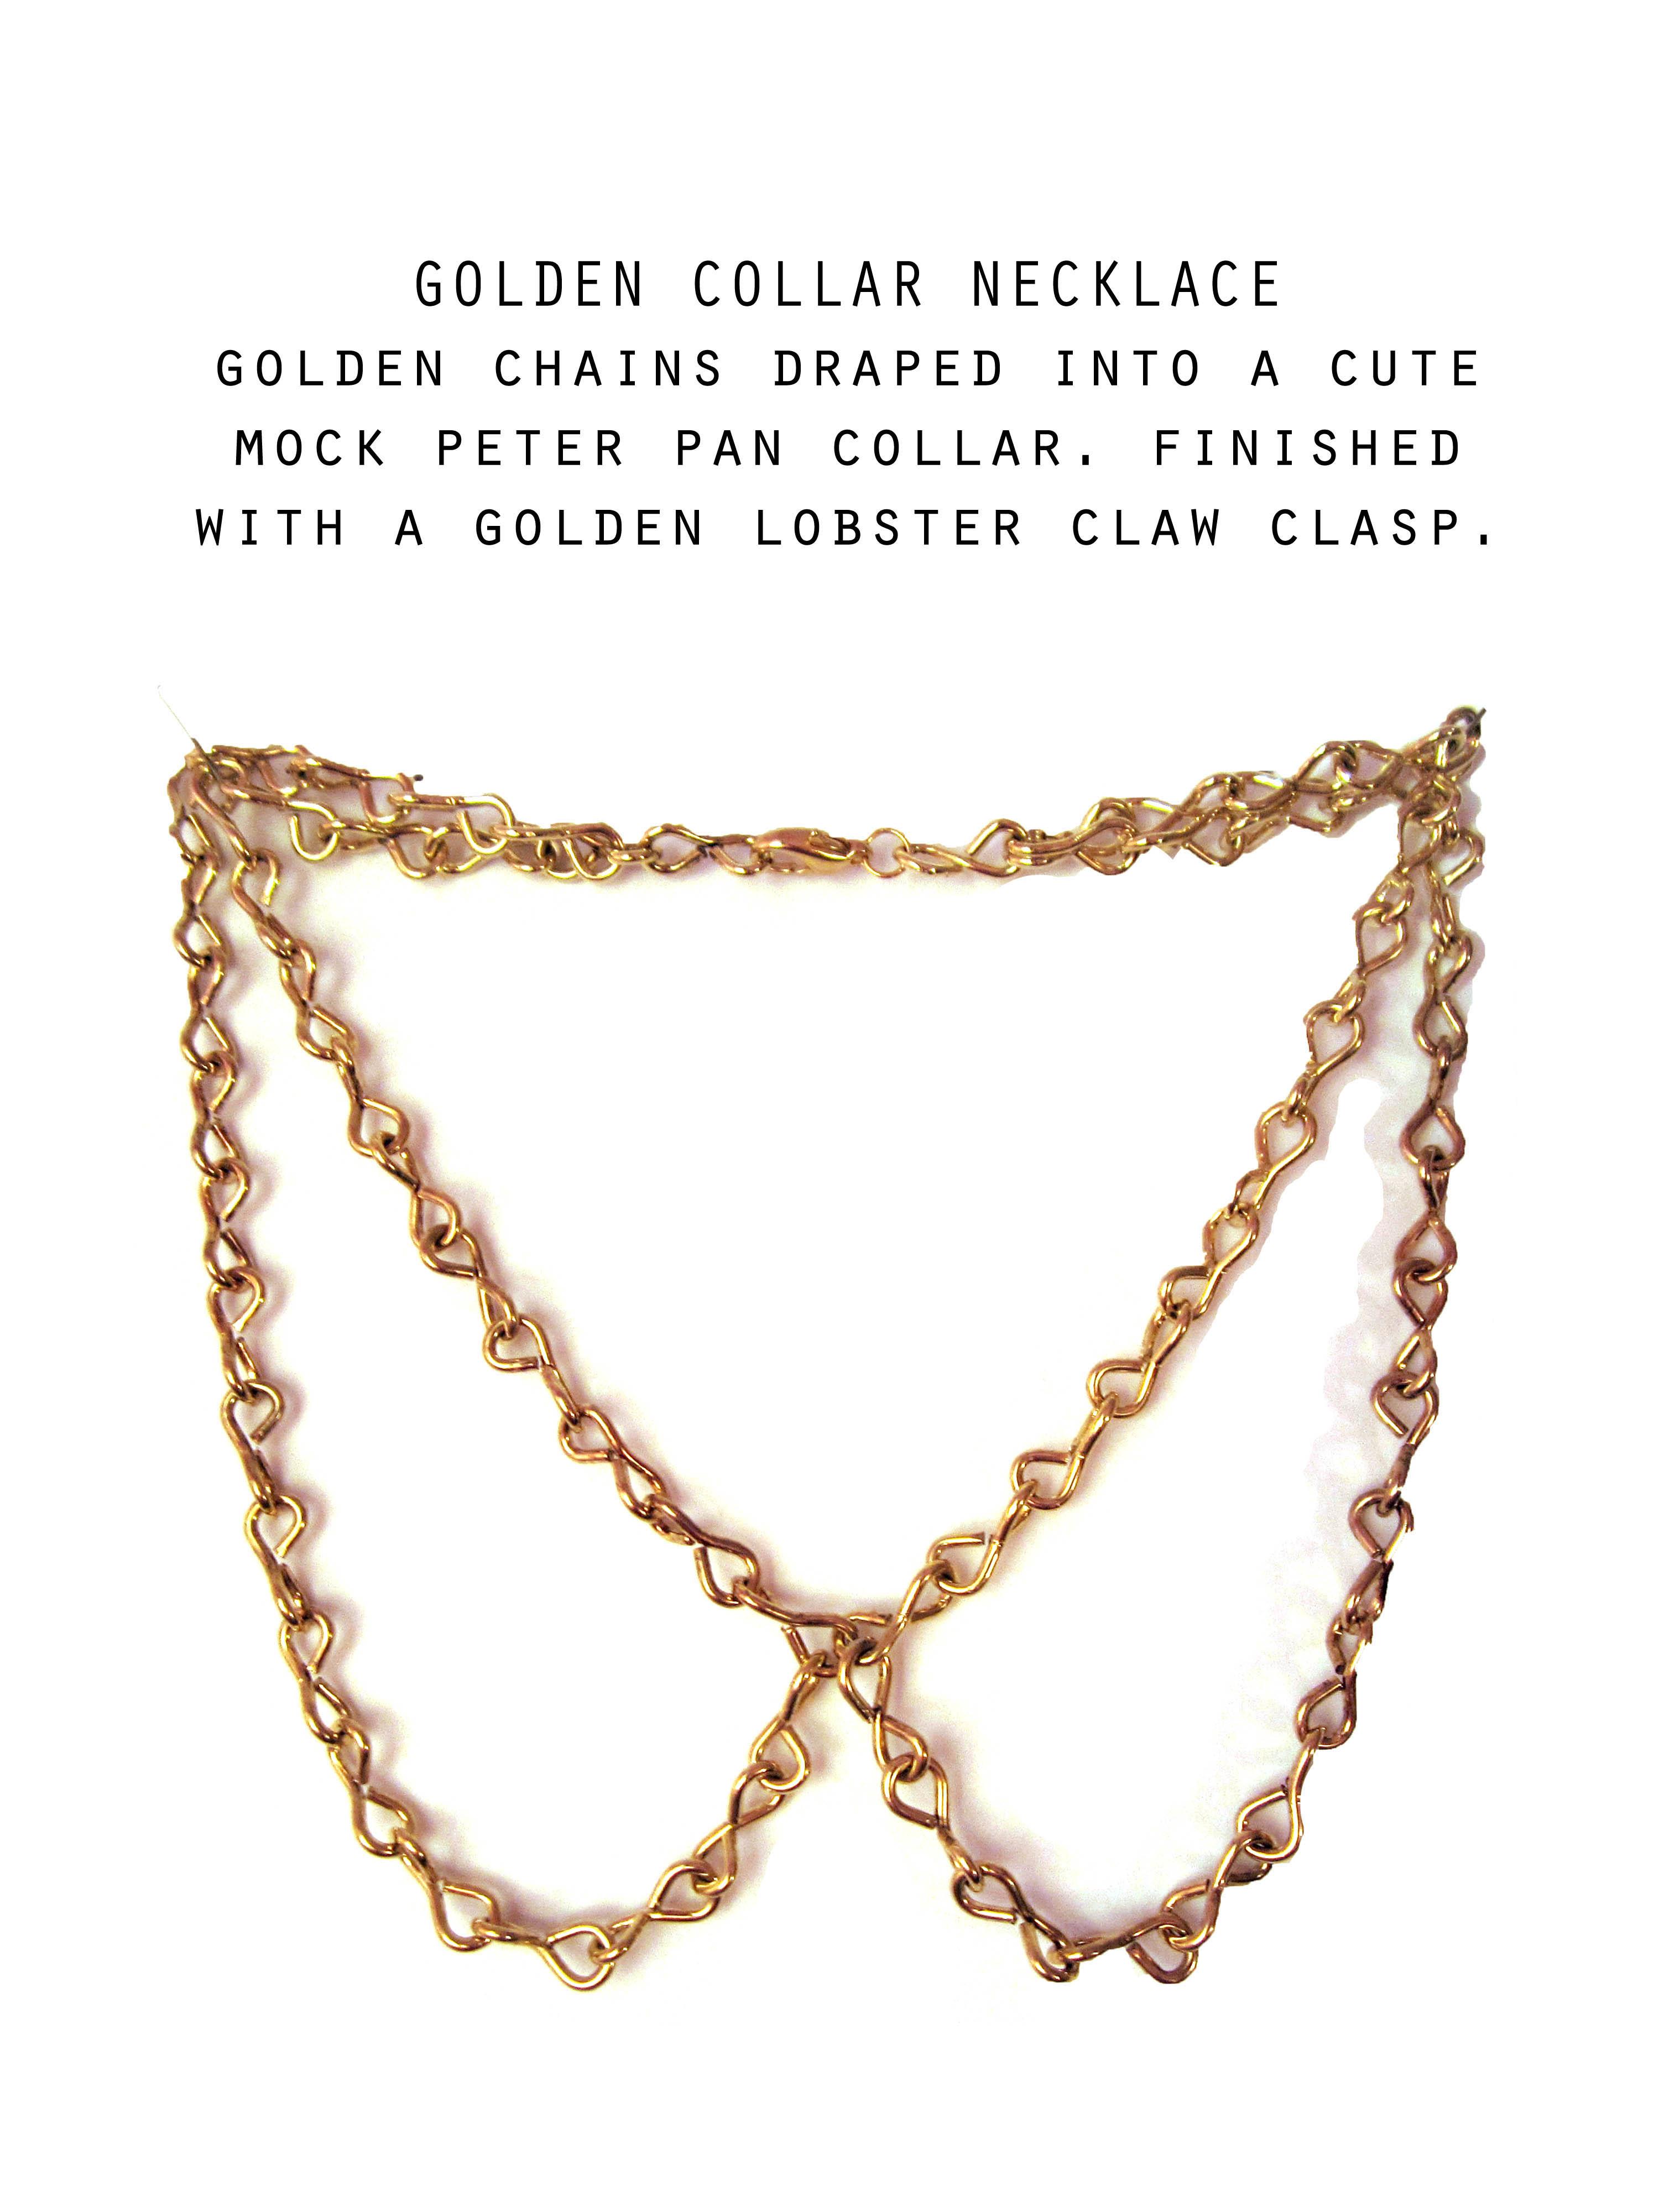 Golden Peter Pan Collar necklace